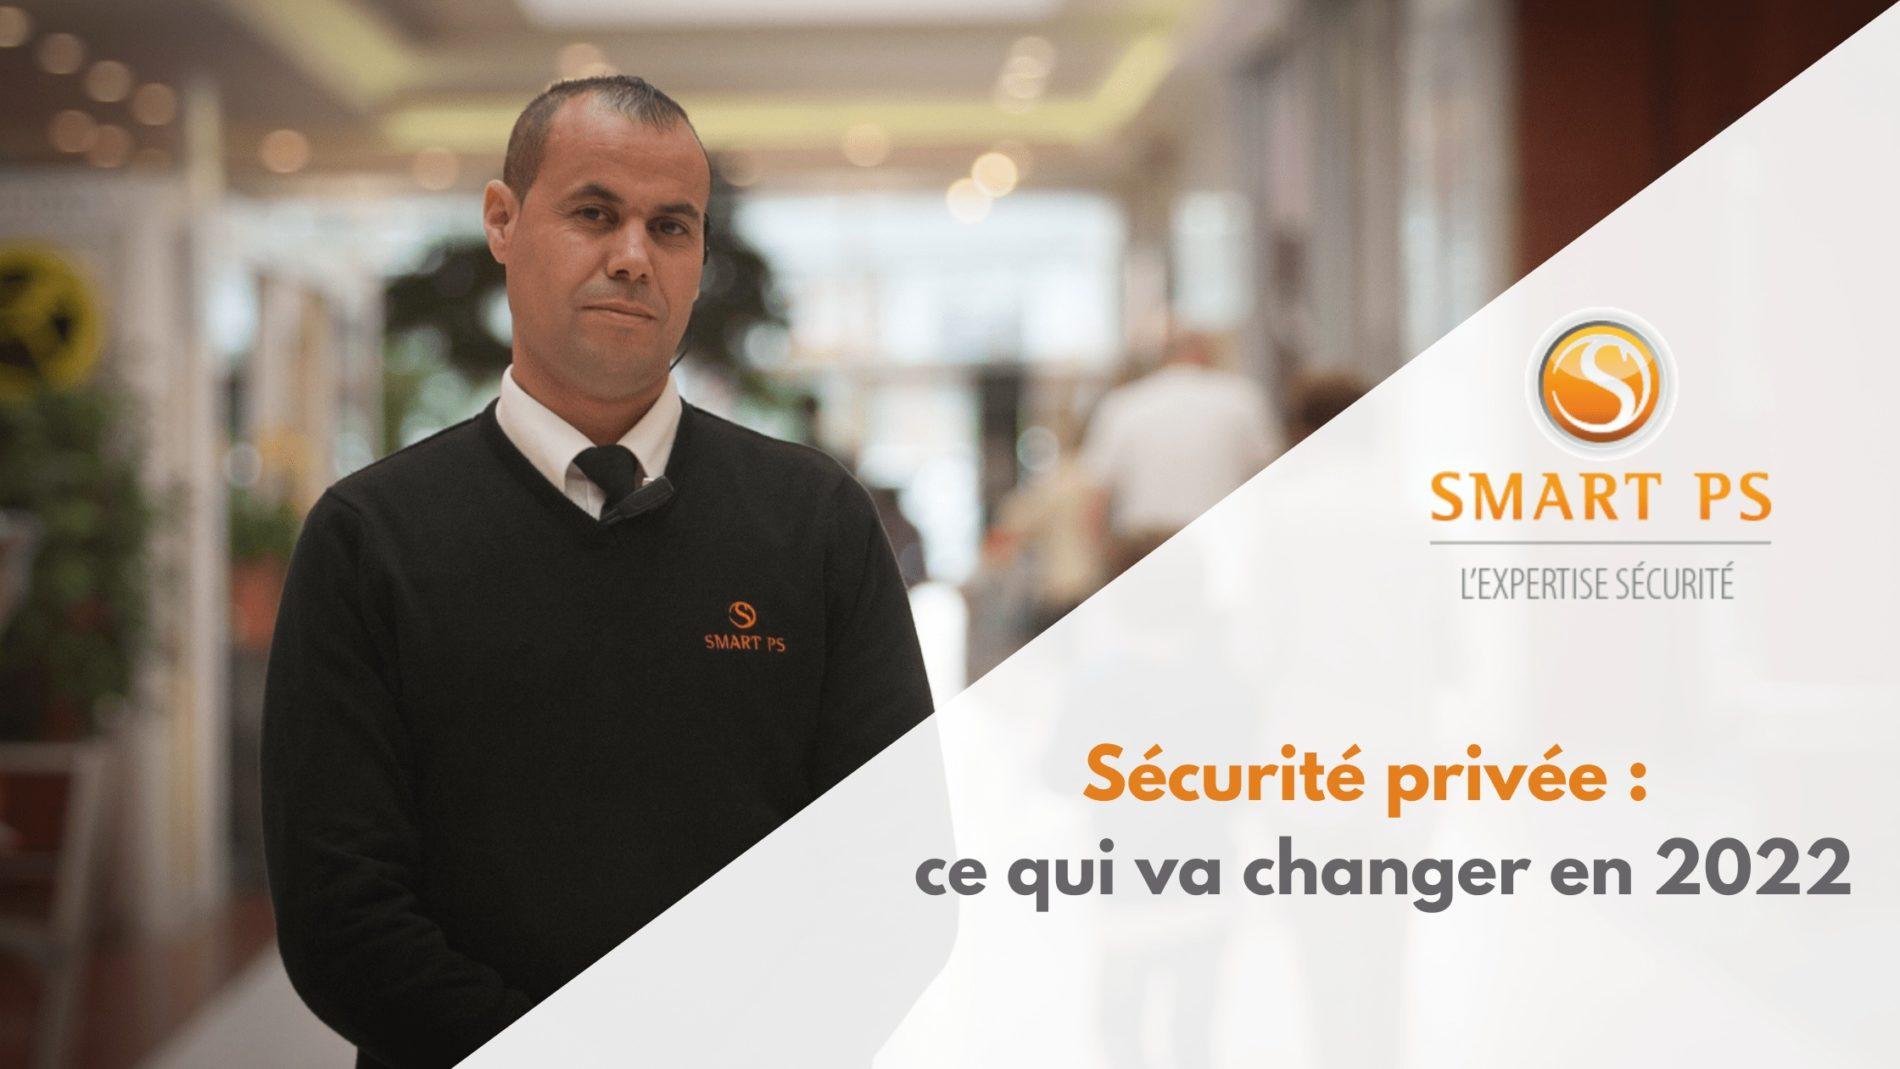 Sécurité privée : ce qui va changer en 2022